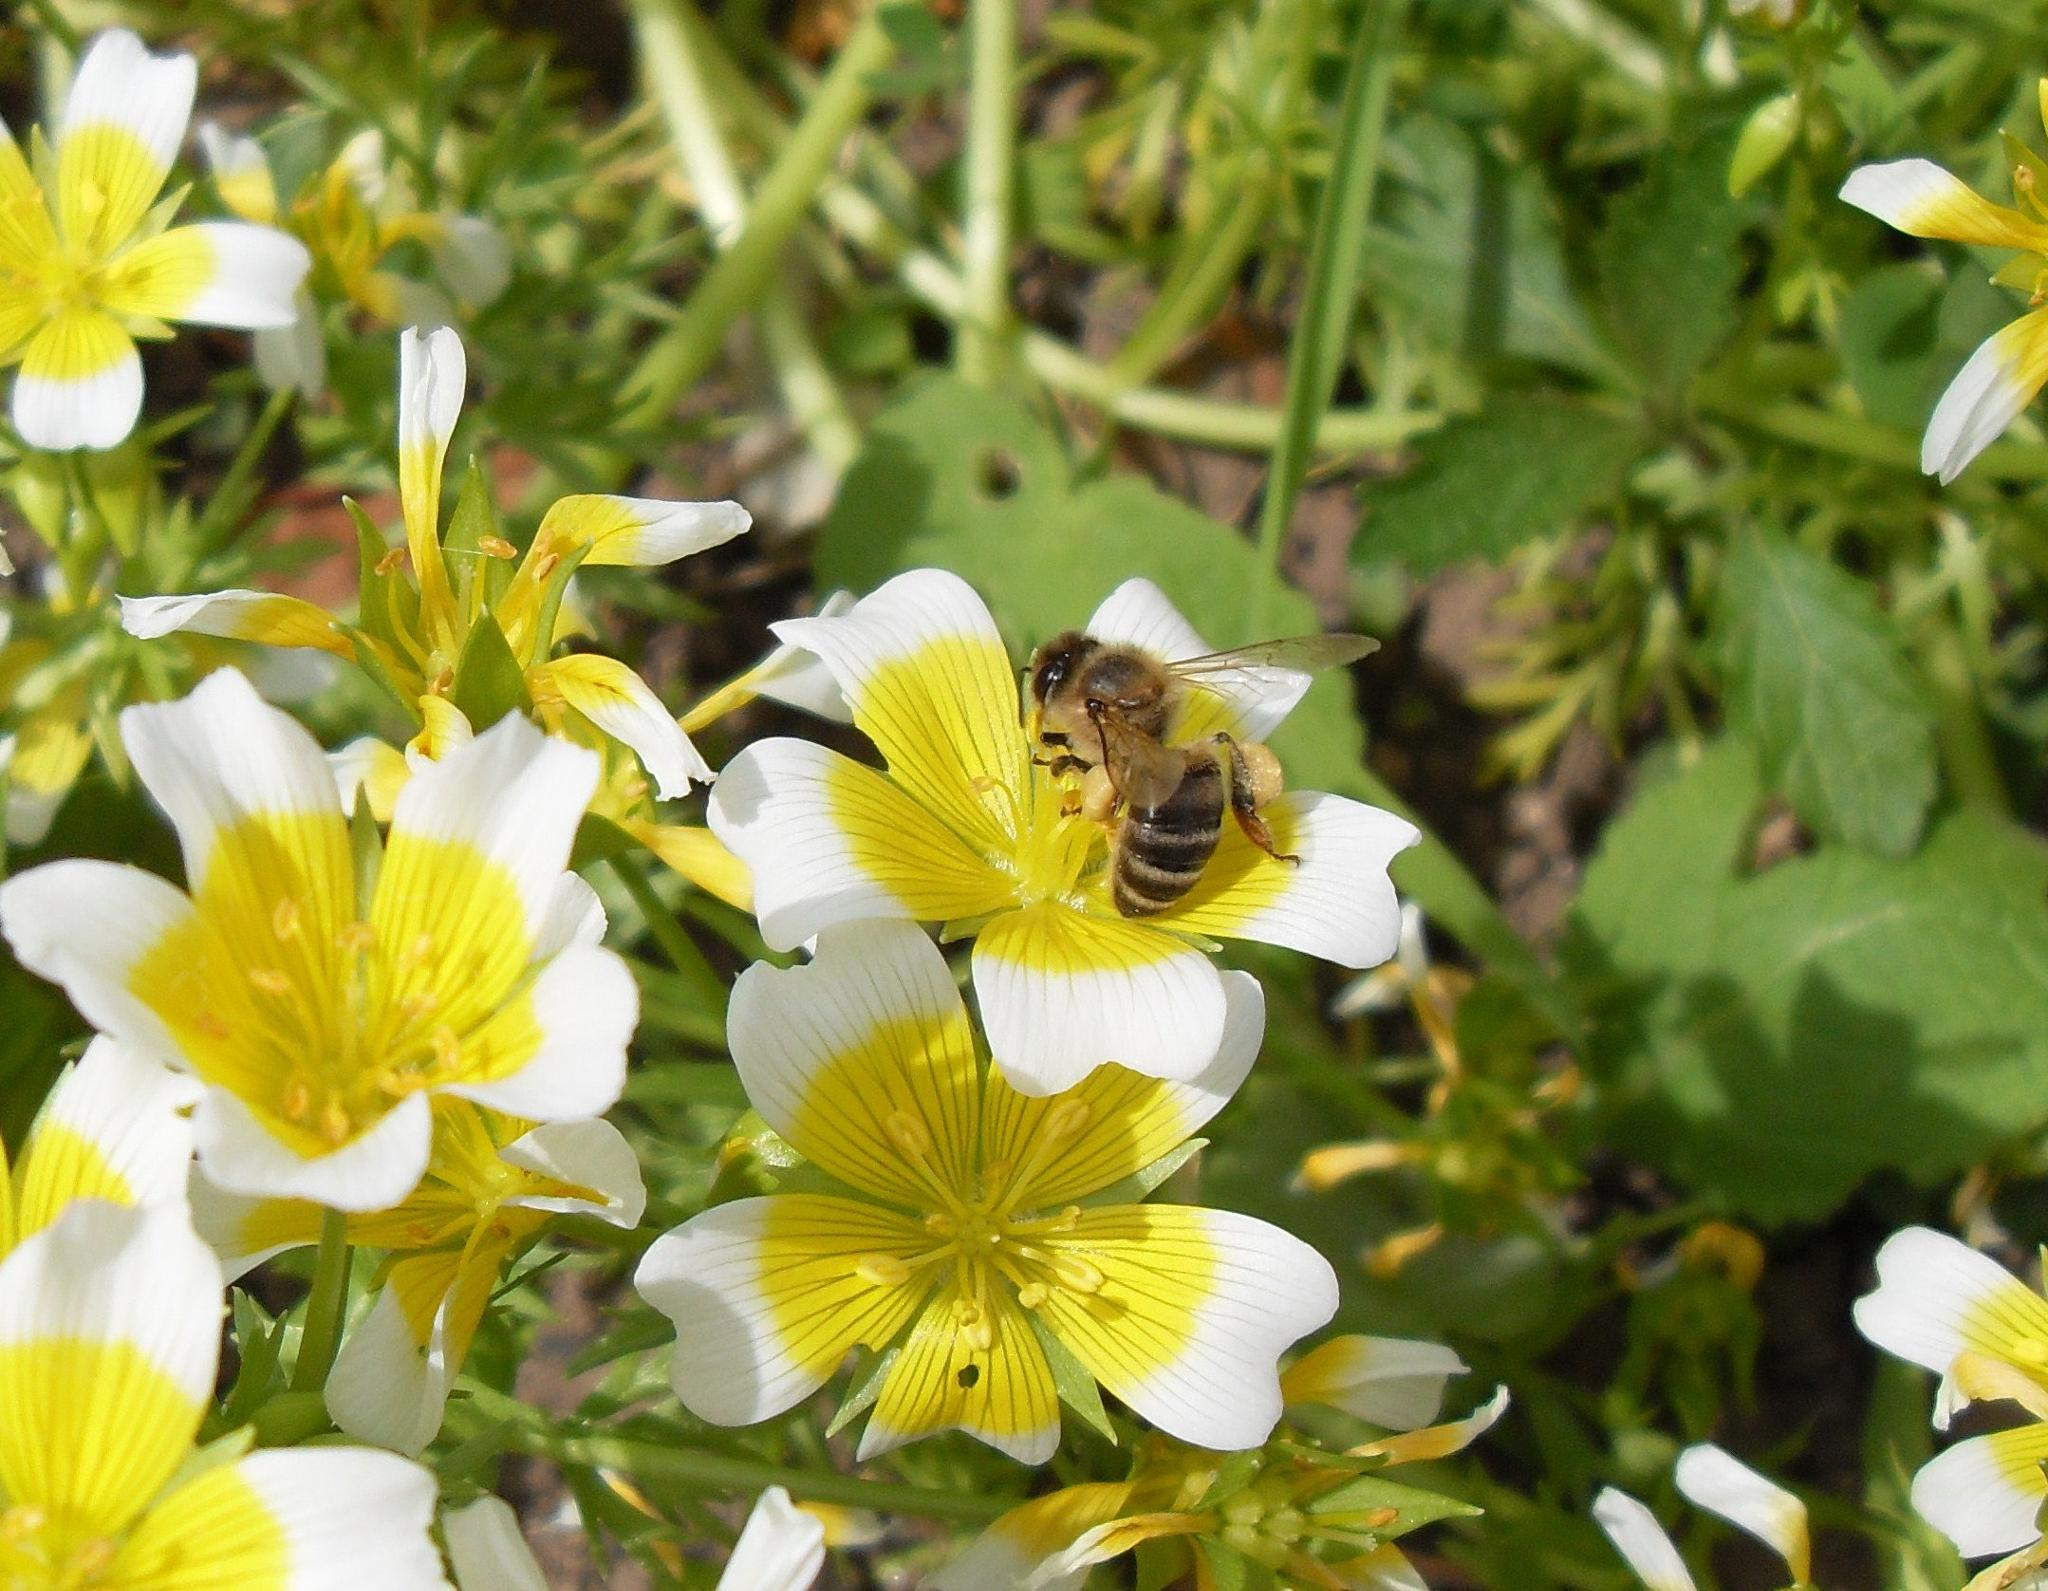 Honeybee by karen.martin.16100